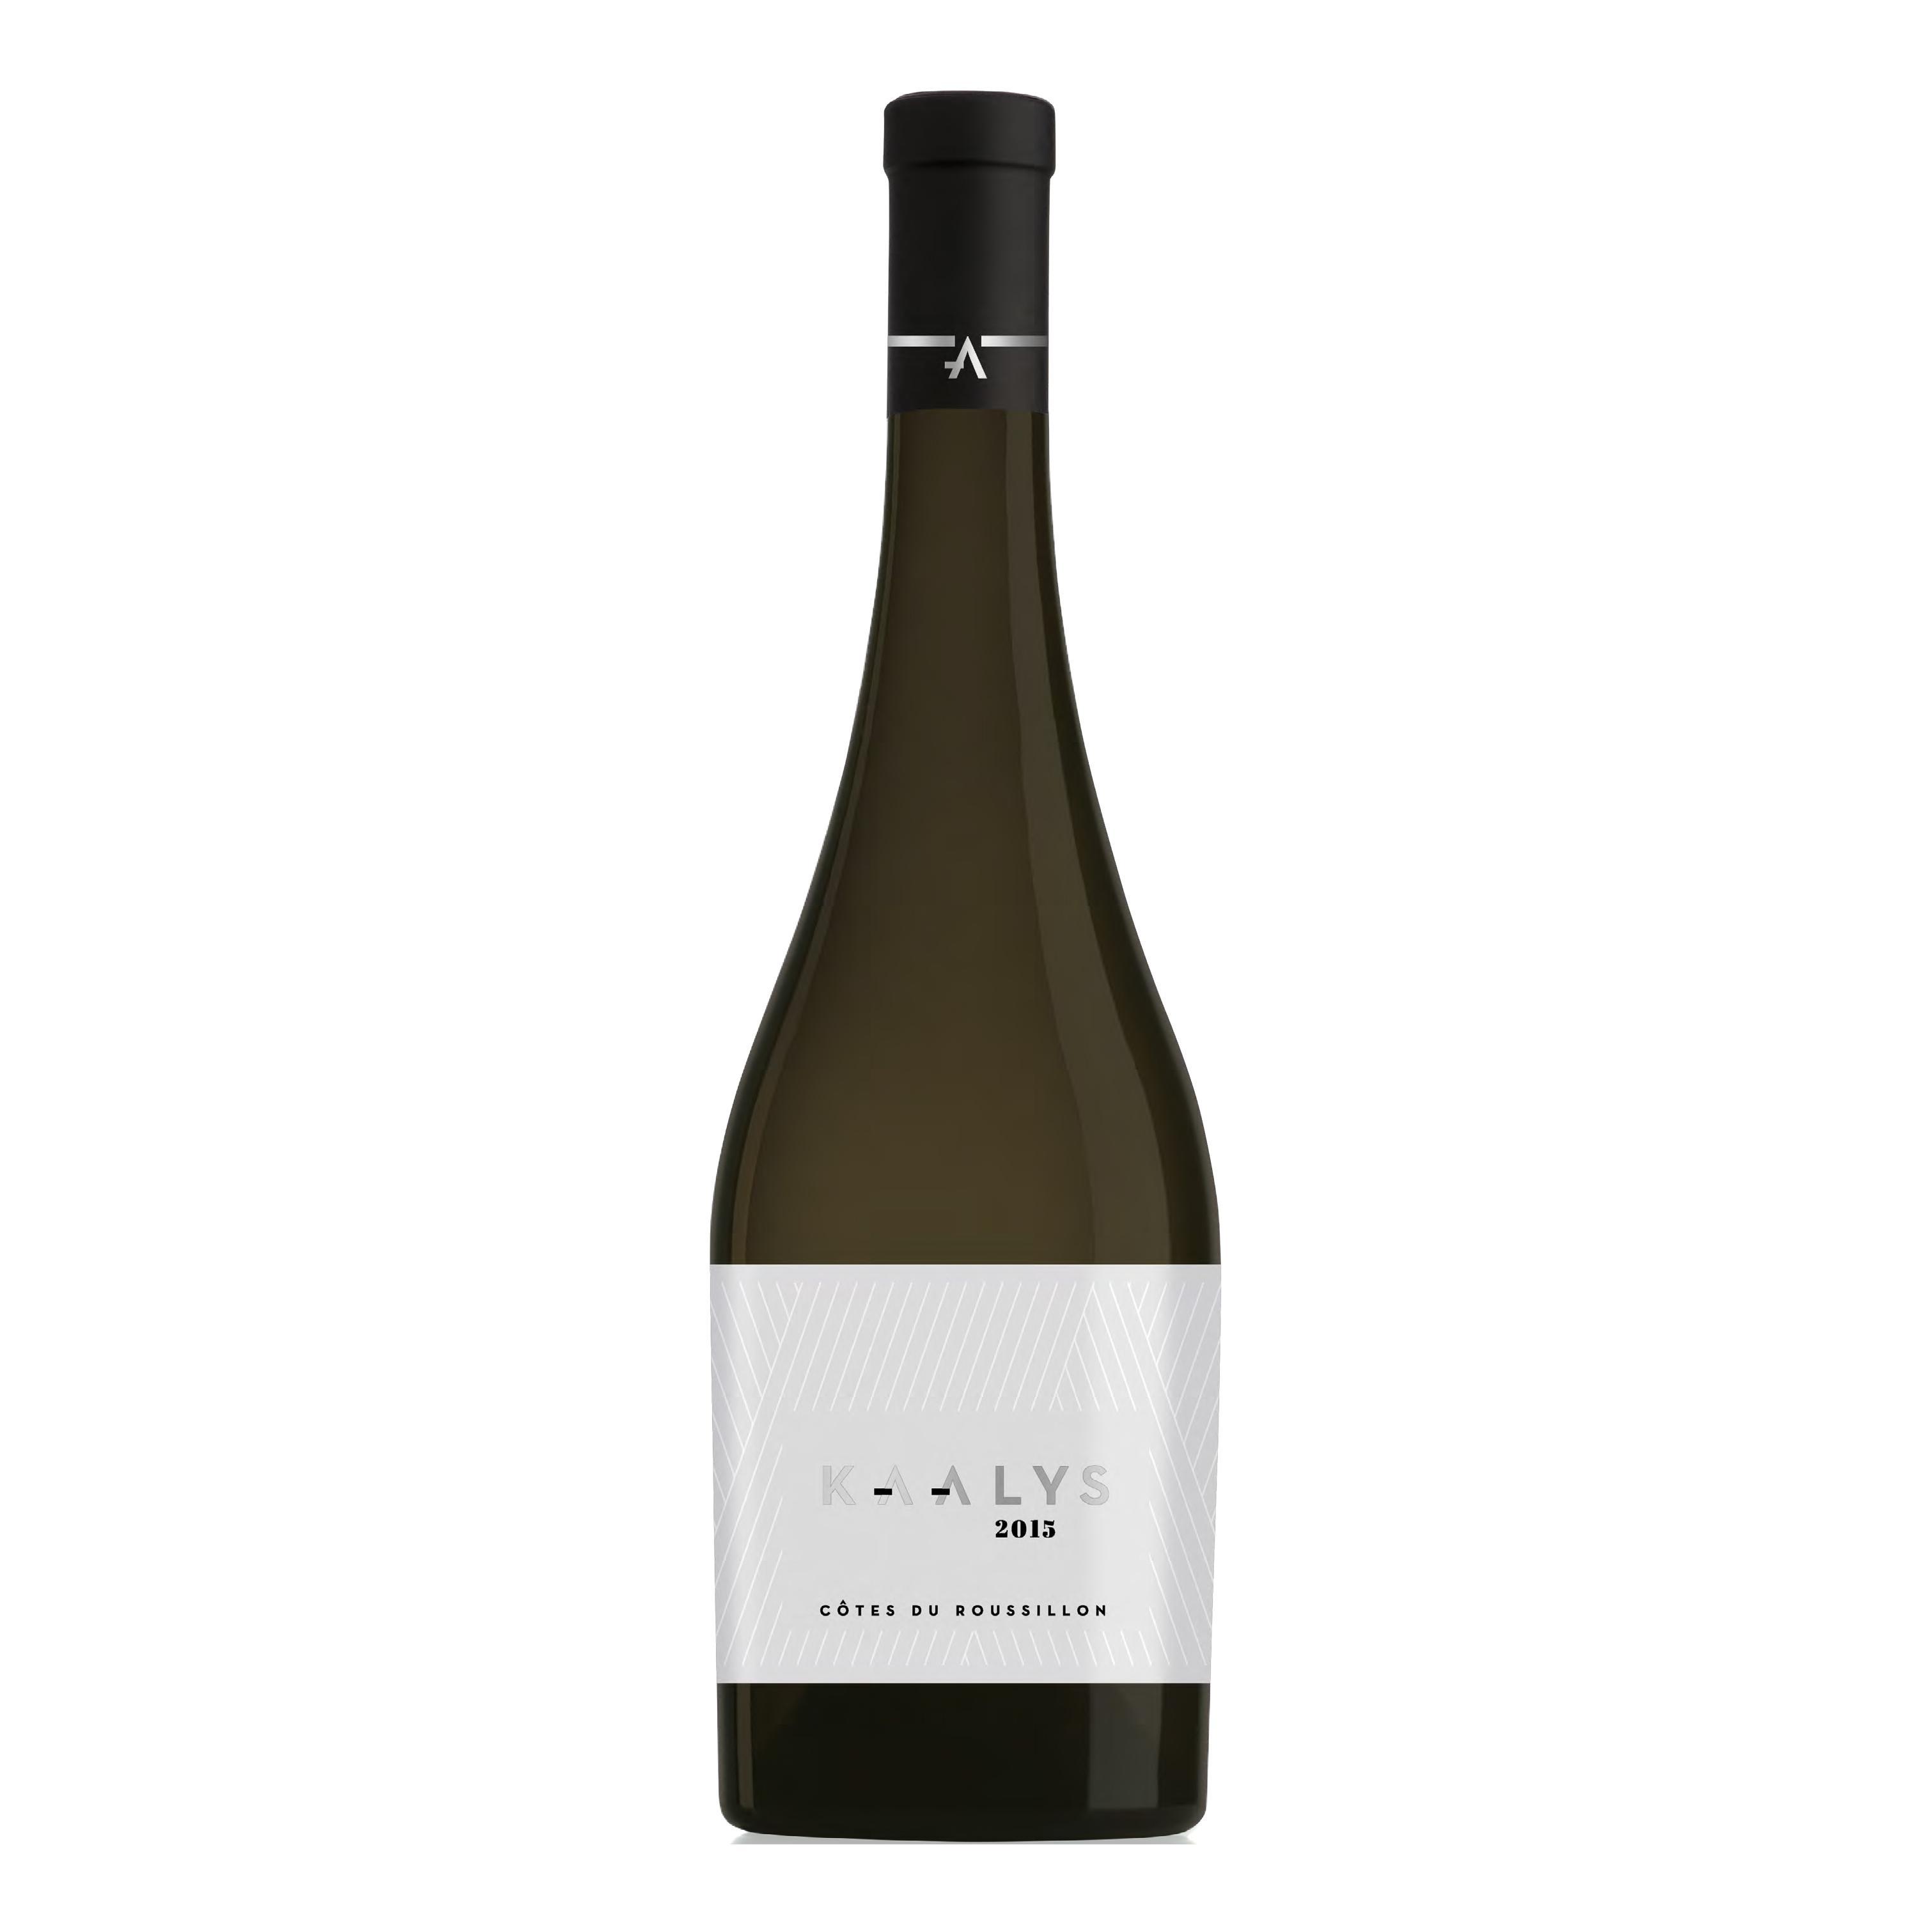 vignerons-catalans-cotes-du-roussillon-kaalys-icone